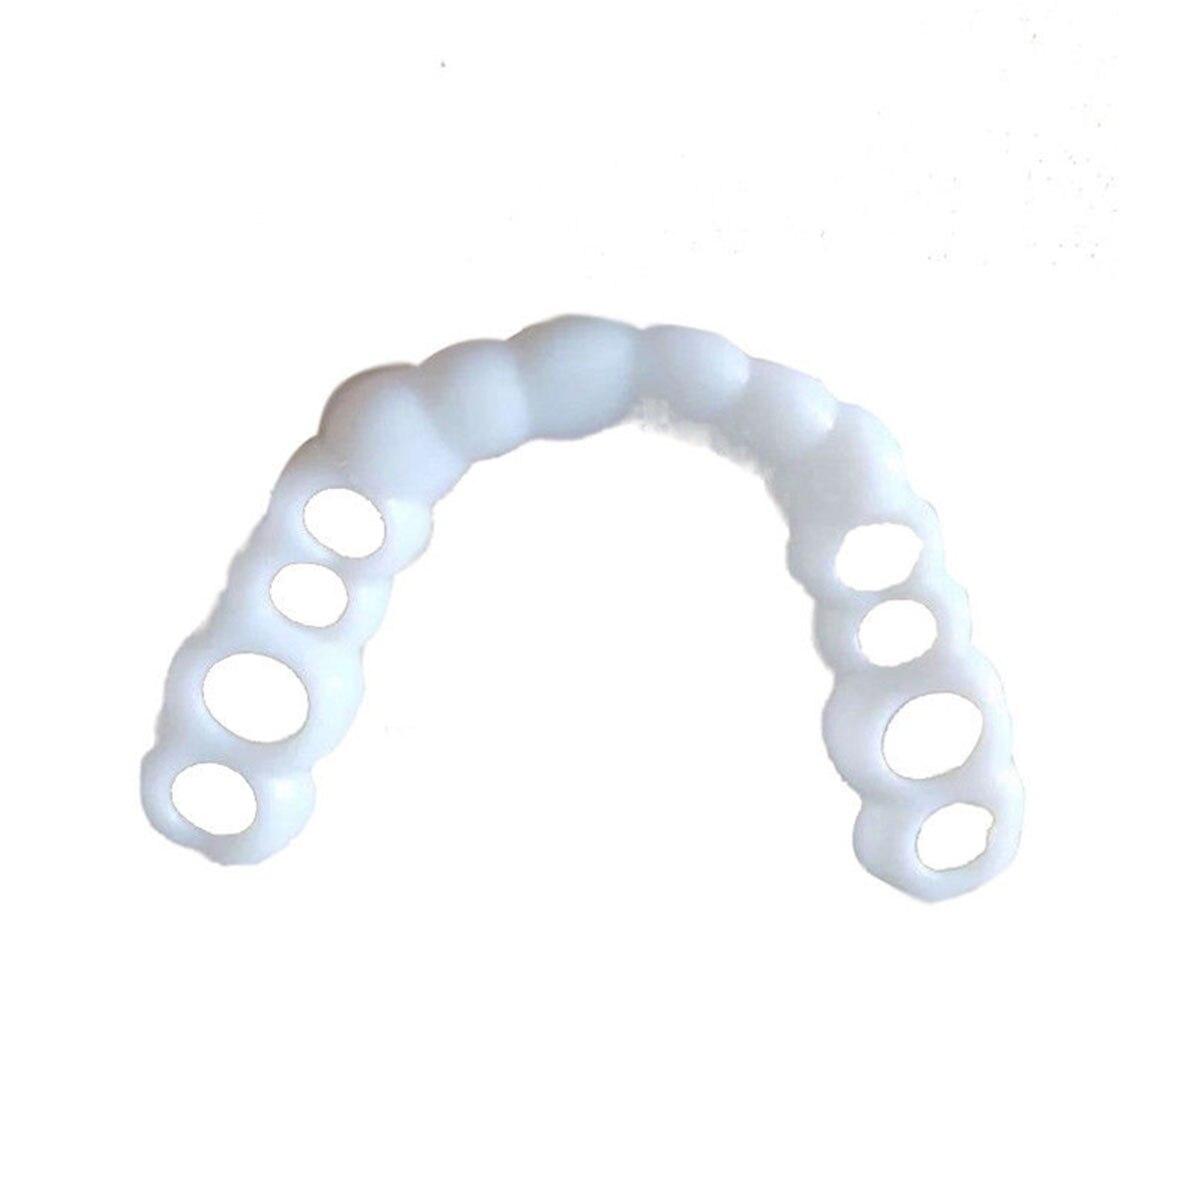 JEYL  Smile Comfort Fit Flex Cosmetic Teeth Denture Teeth Top Cosmetic Veneer 4